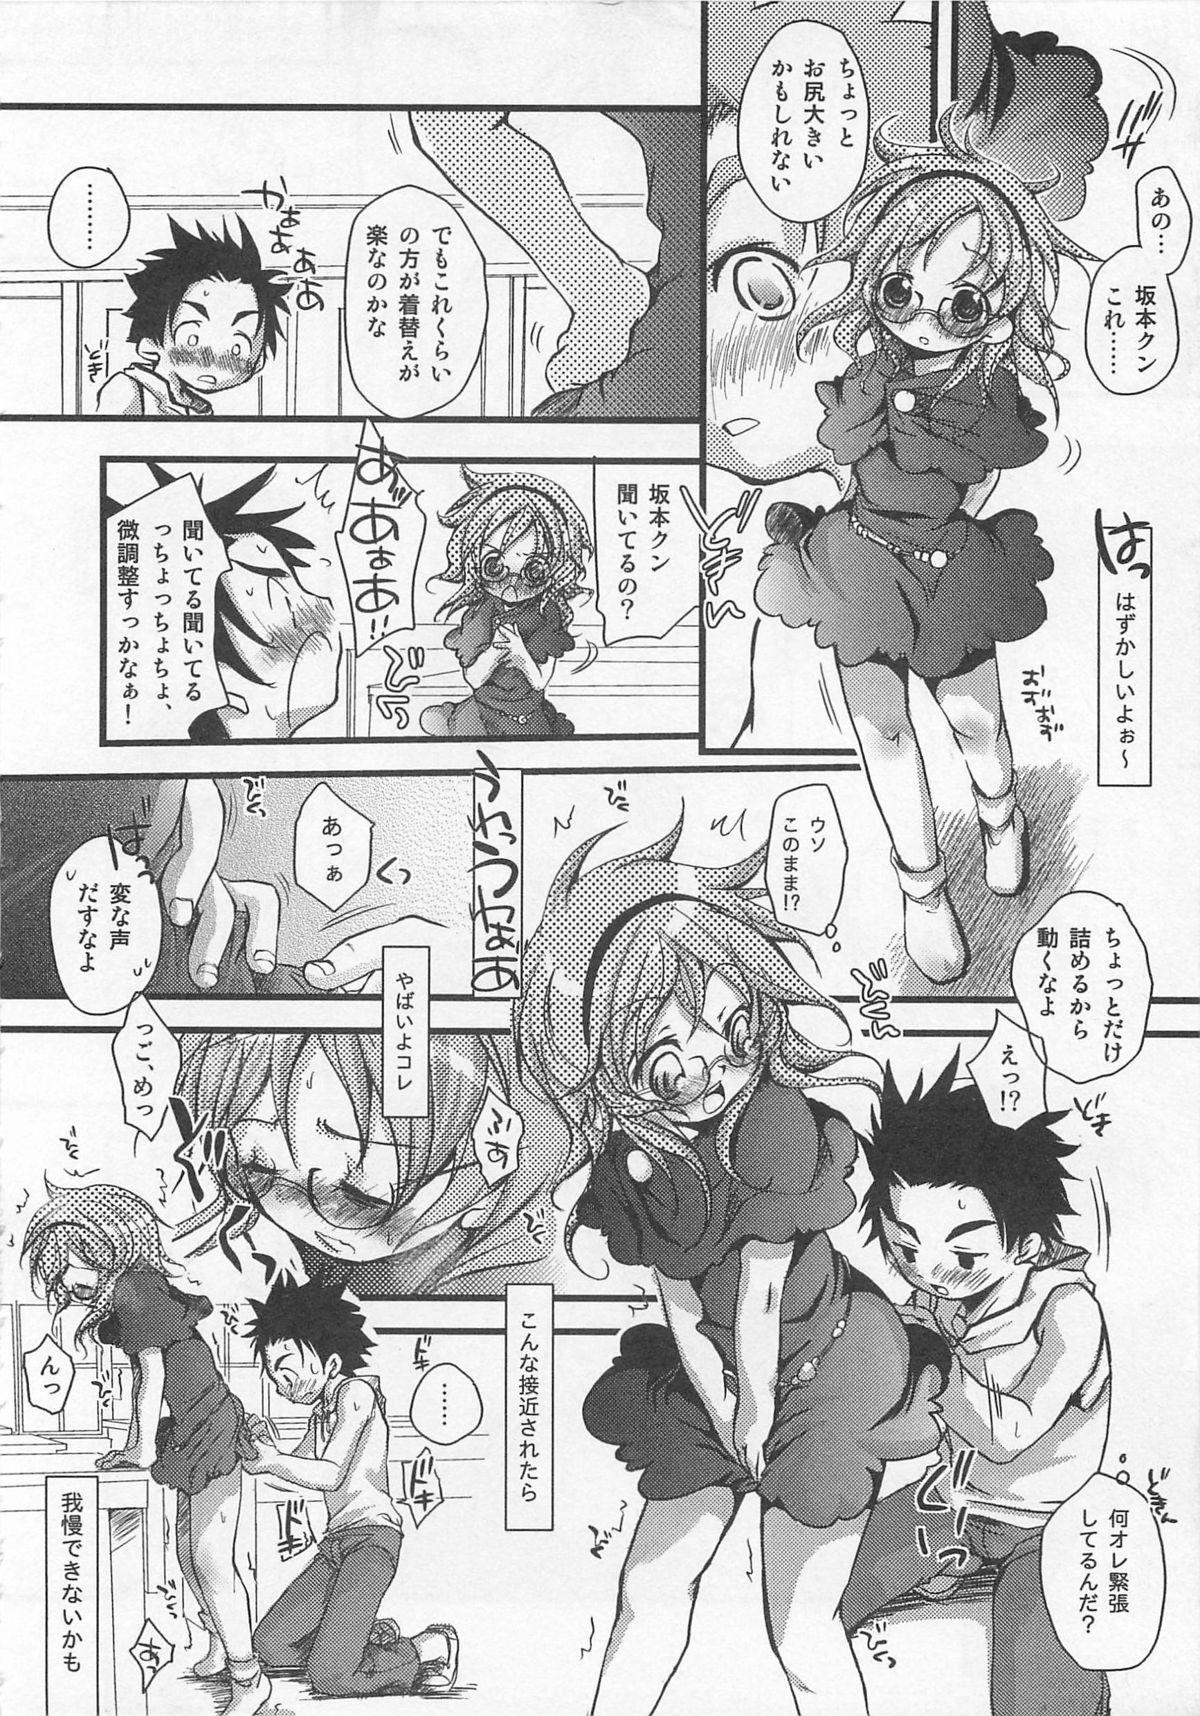 Otokonoko HEAVEN Vol. 01 Meganekko 46